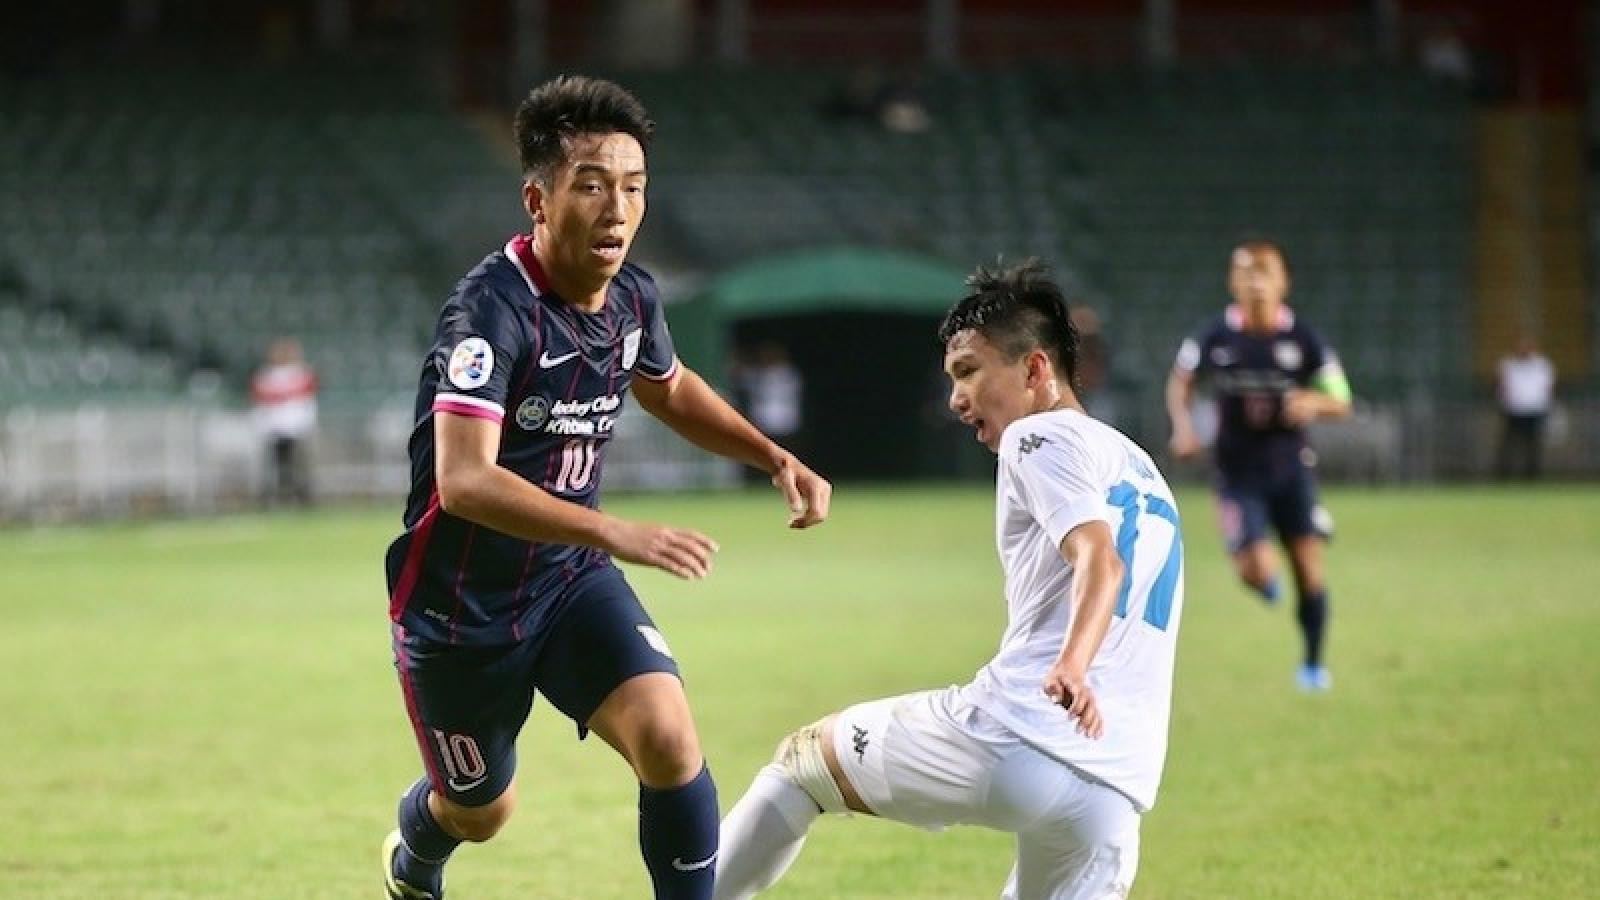 Ngày này năm xưa: Đoàn Văn Hậu chính thức chơi trận ra mắt Hà Nội FC